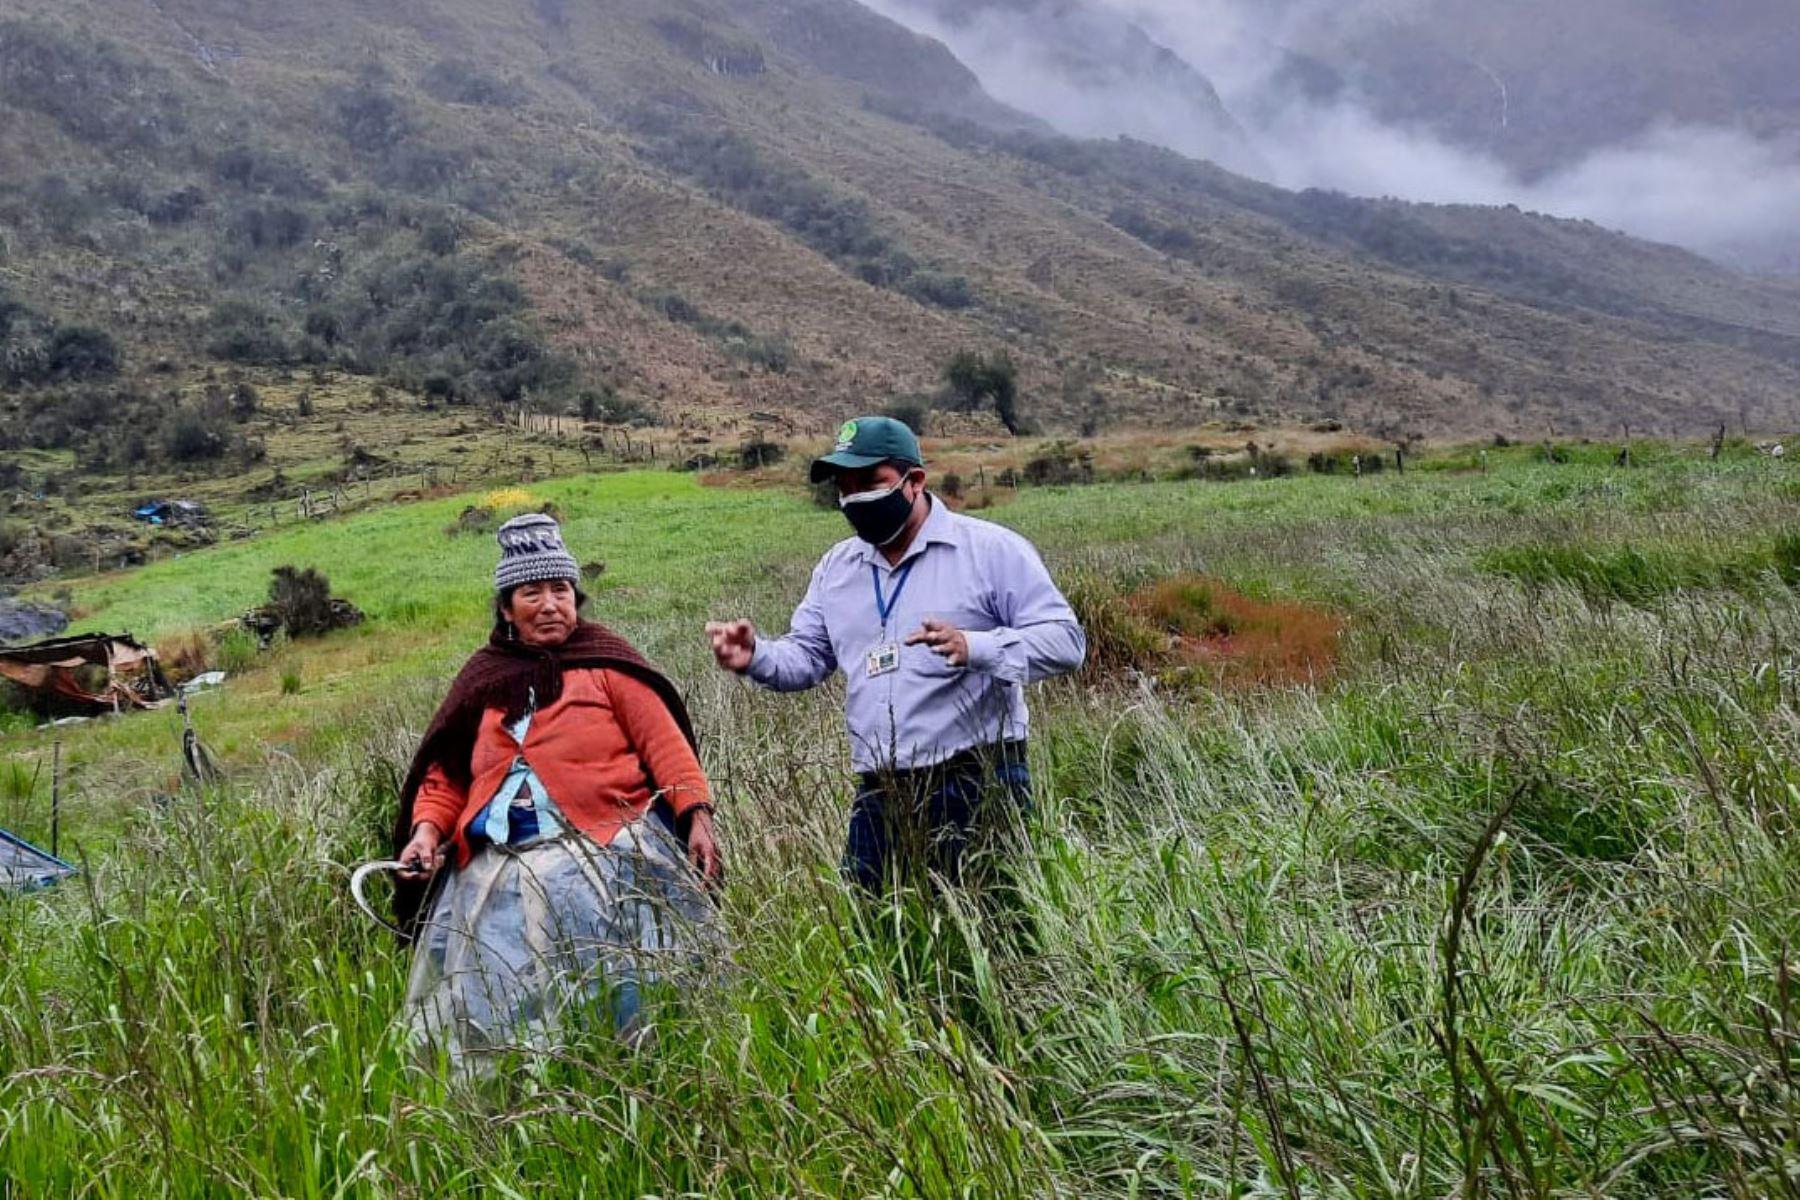 Las brigadas agrarias de la Agencia Agraria Satipo (AAS) brindaron capacitación en buenas prácticas agrícolas, manejo integrado de plagas e hicieron el análisis de suelo de los cultivos. Foto: ANDINA/Difusión